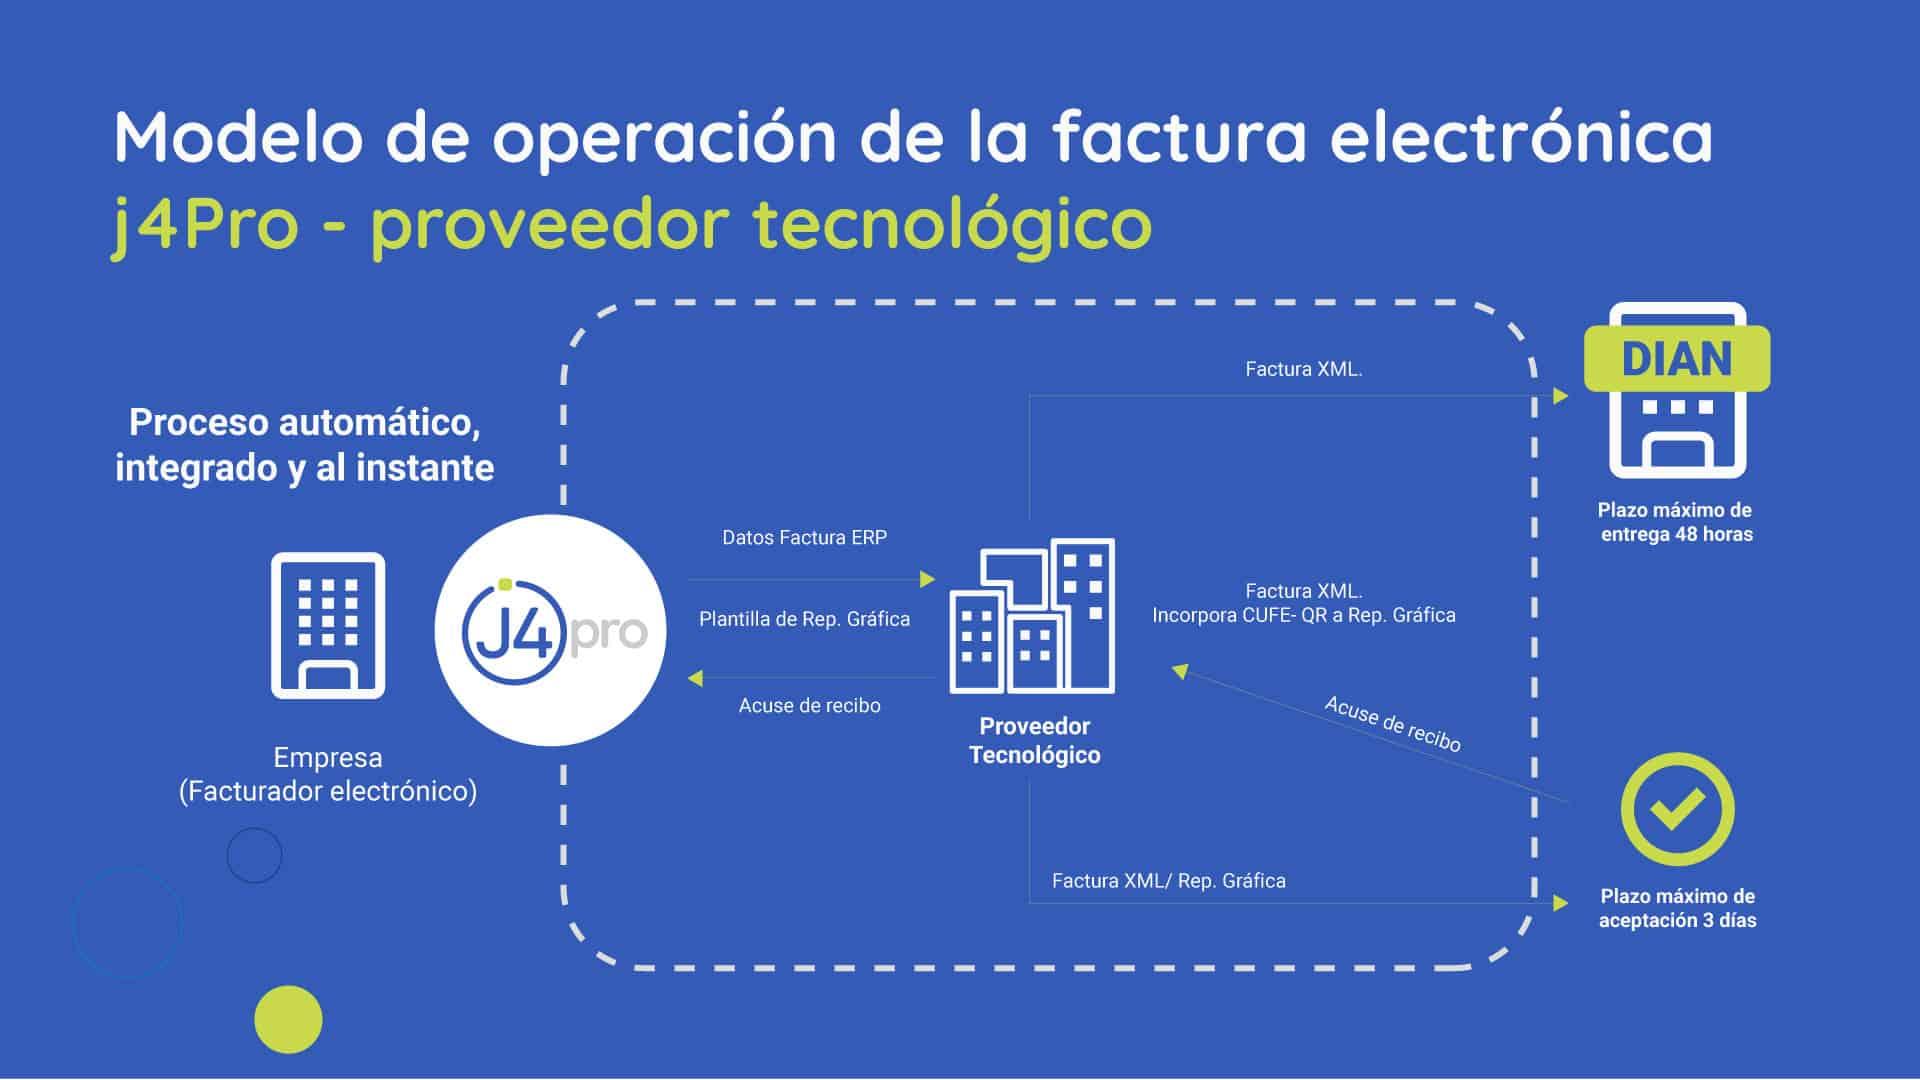 Modelo operación factura electronica j4pro